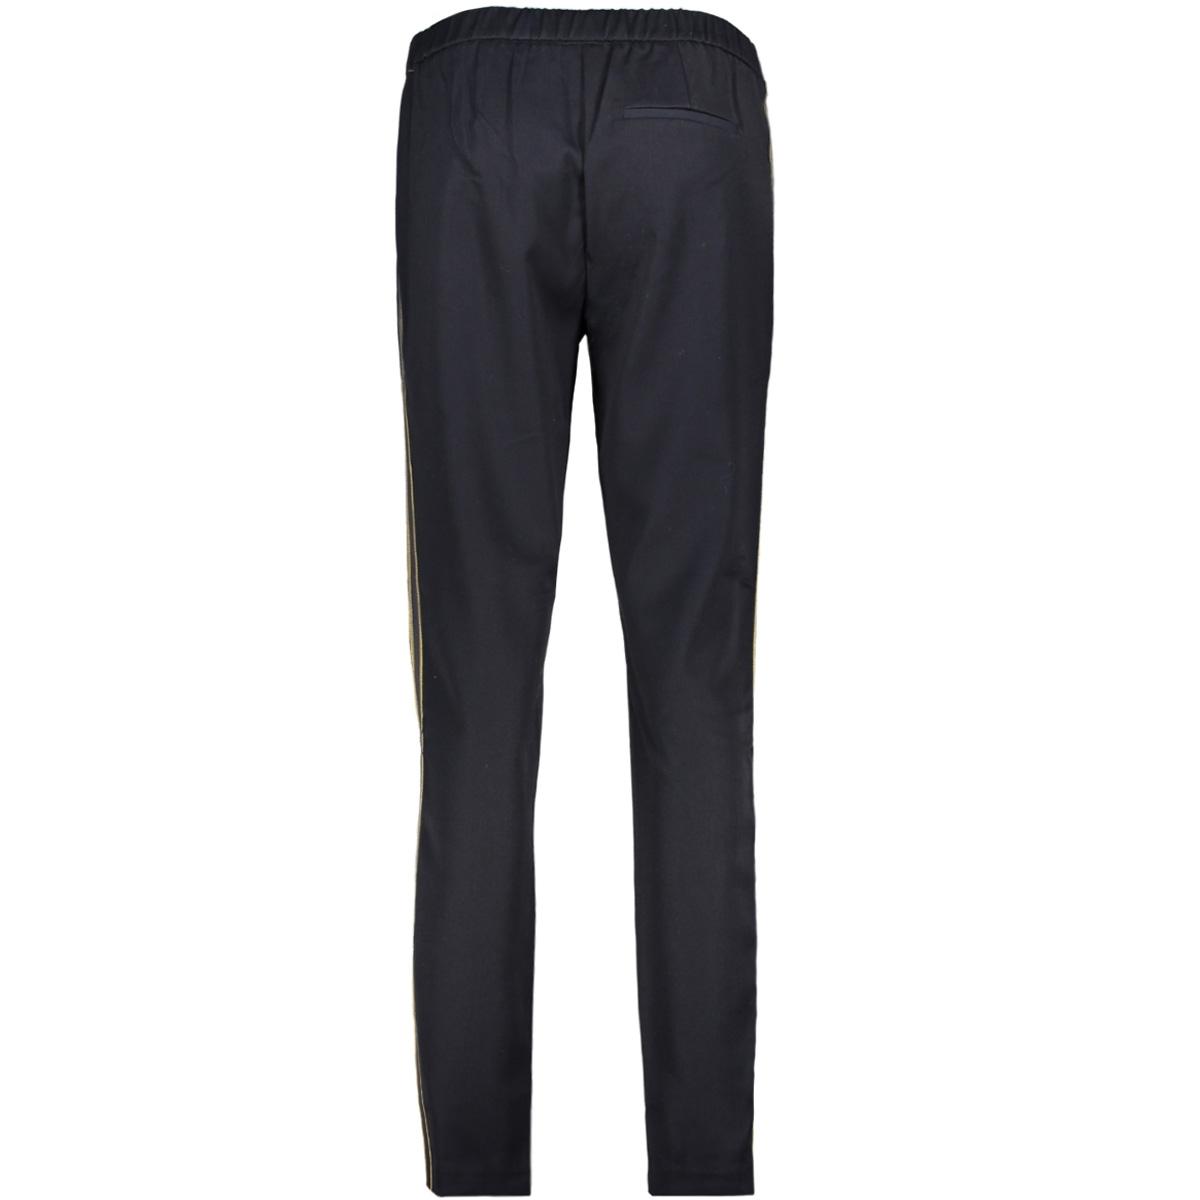 viallessia rw pants 14043221 vila broek dark navy